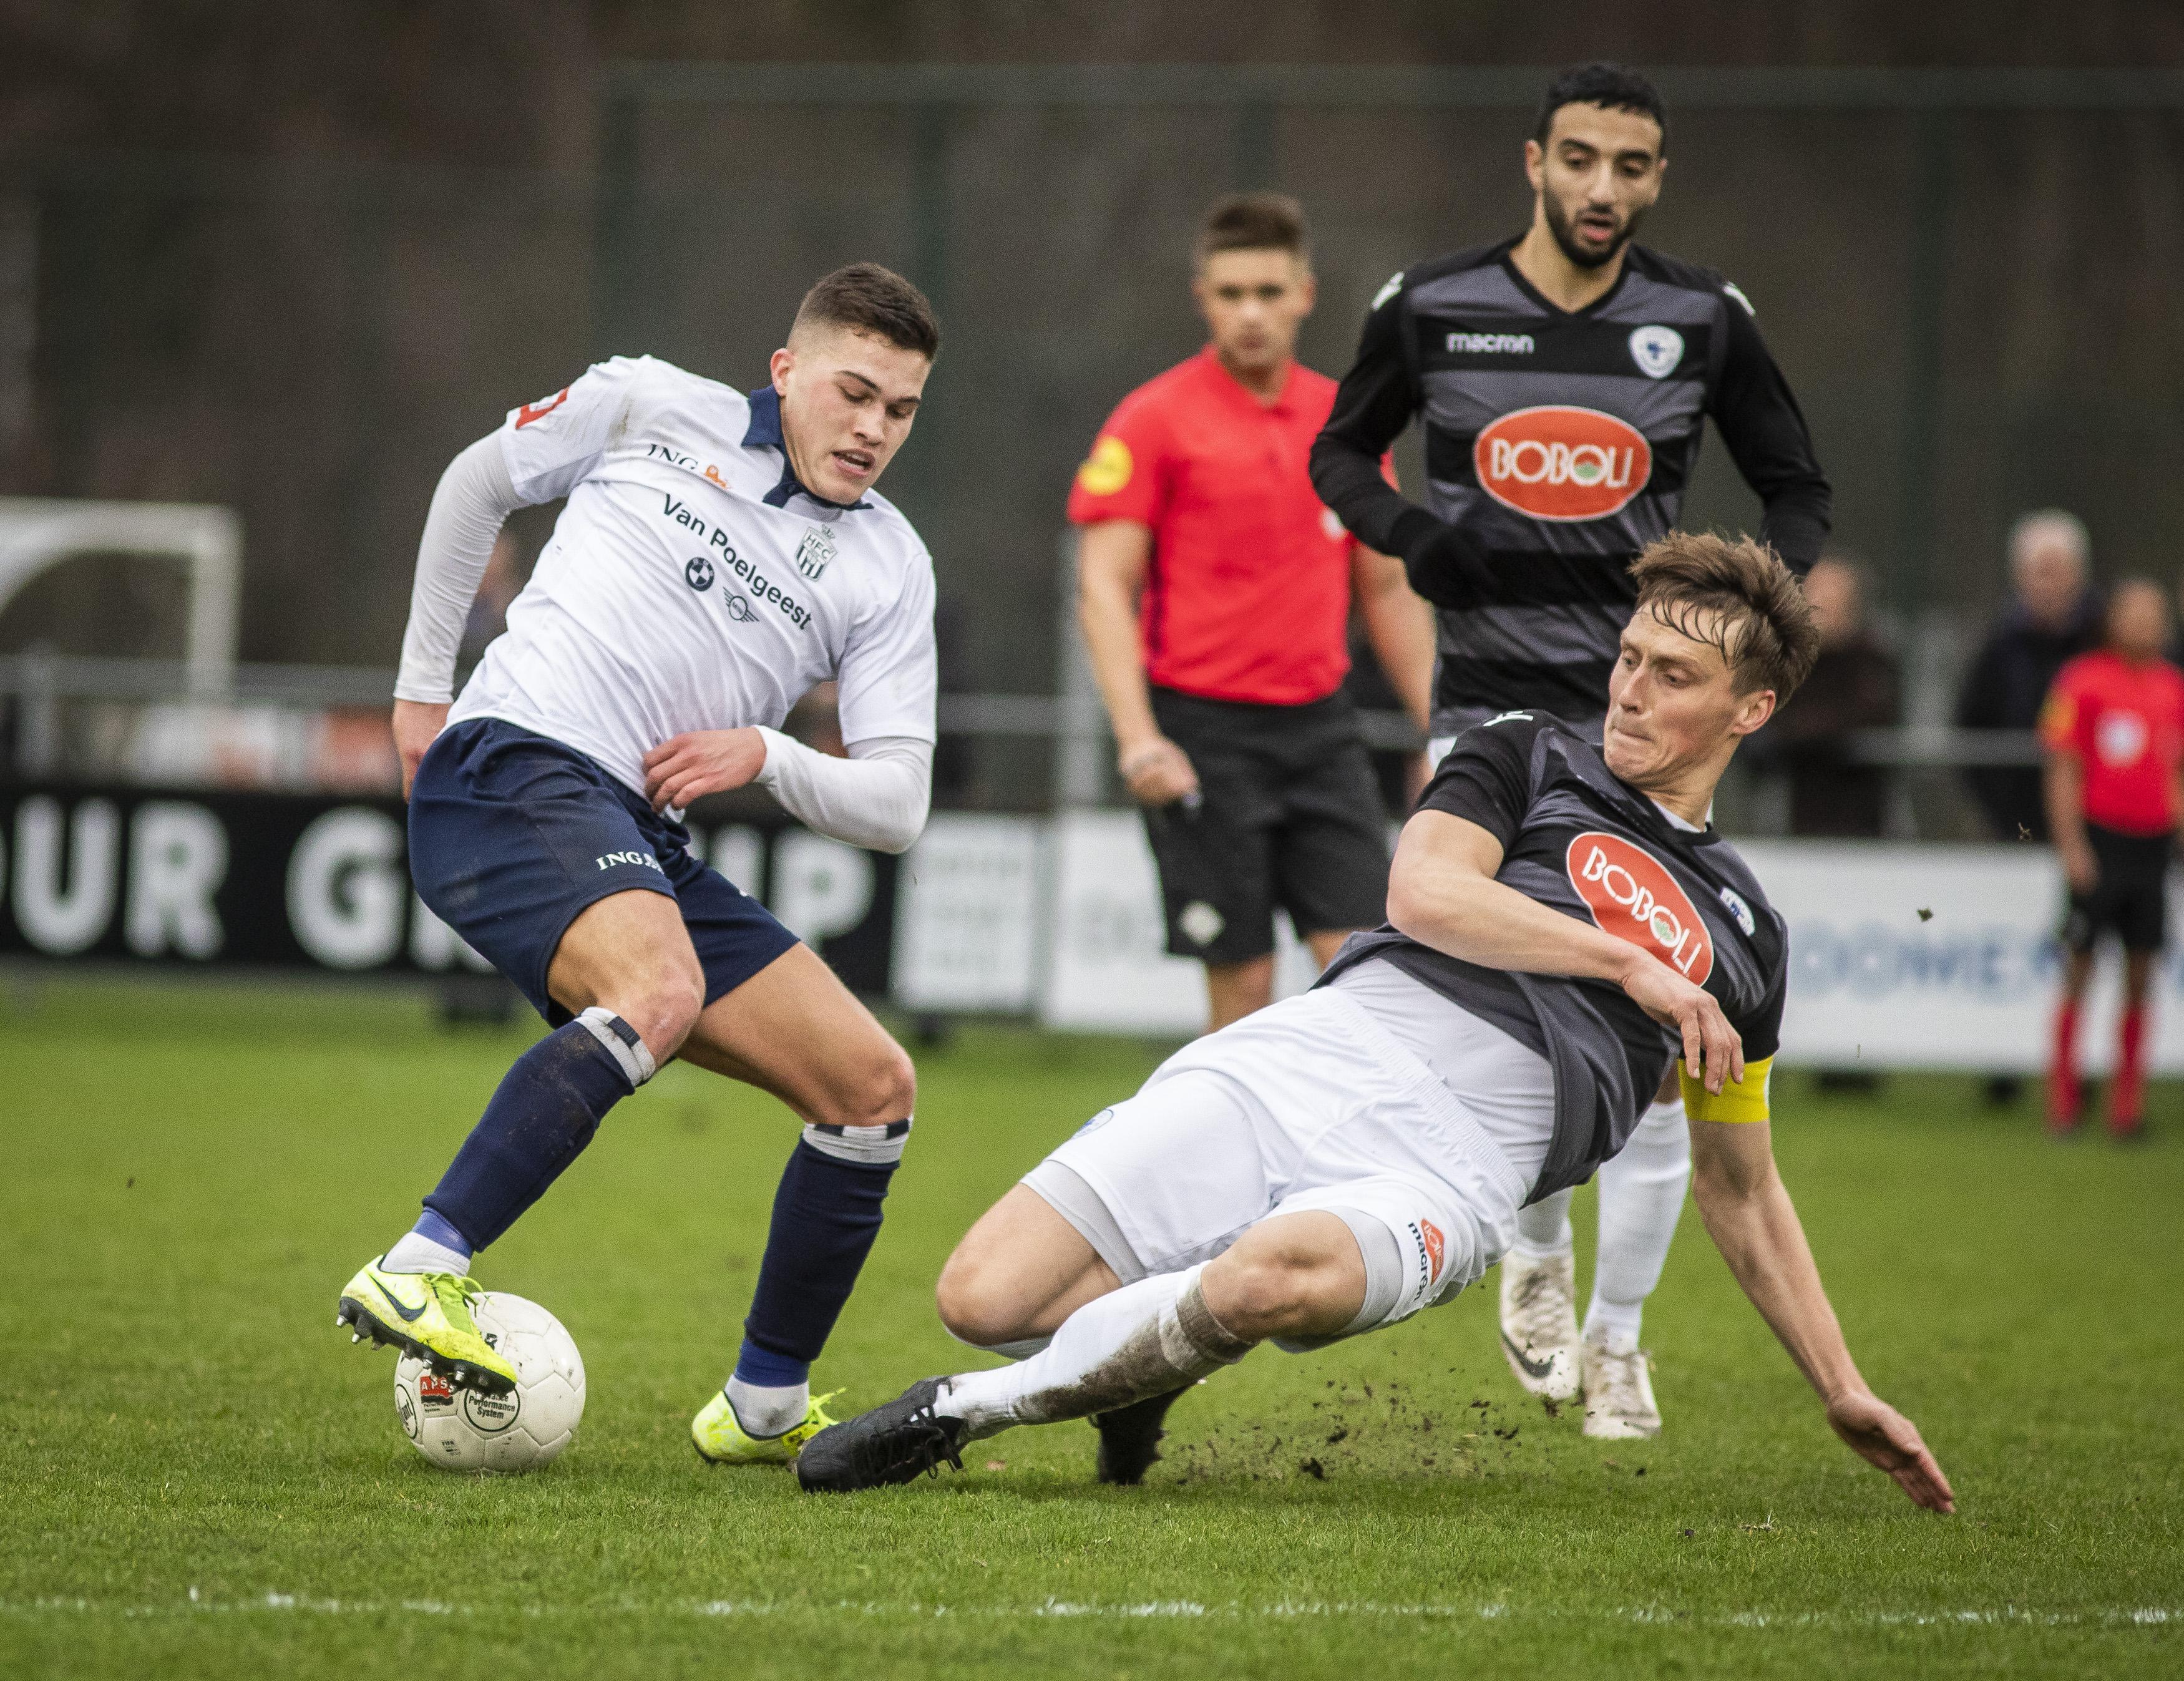 KNVB splitst landelijke klassen in tweeën: HFC in tweede divisie A bij Spakenburgse grootmachten, niet tegen Bollenstreek-clubs